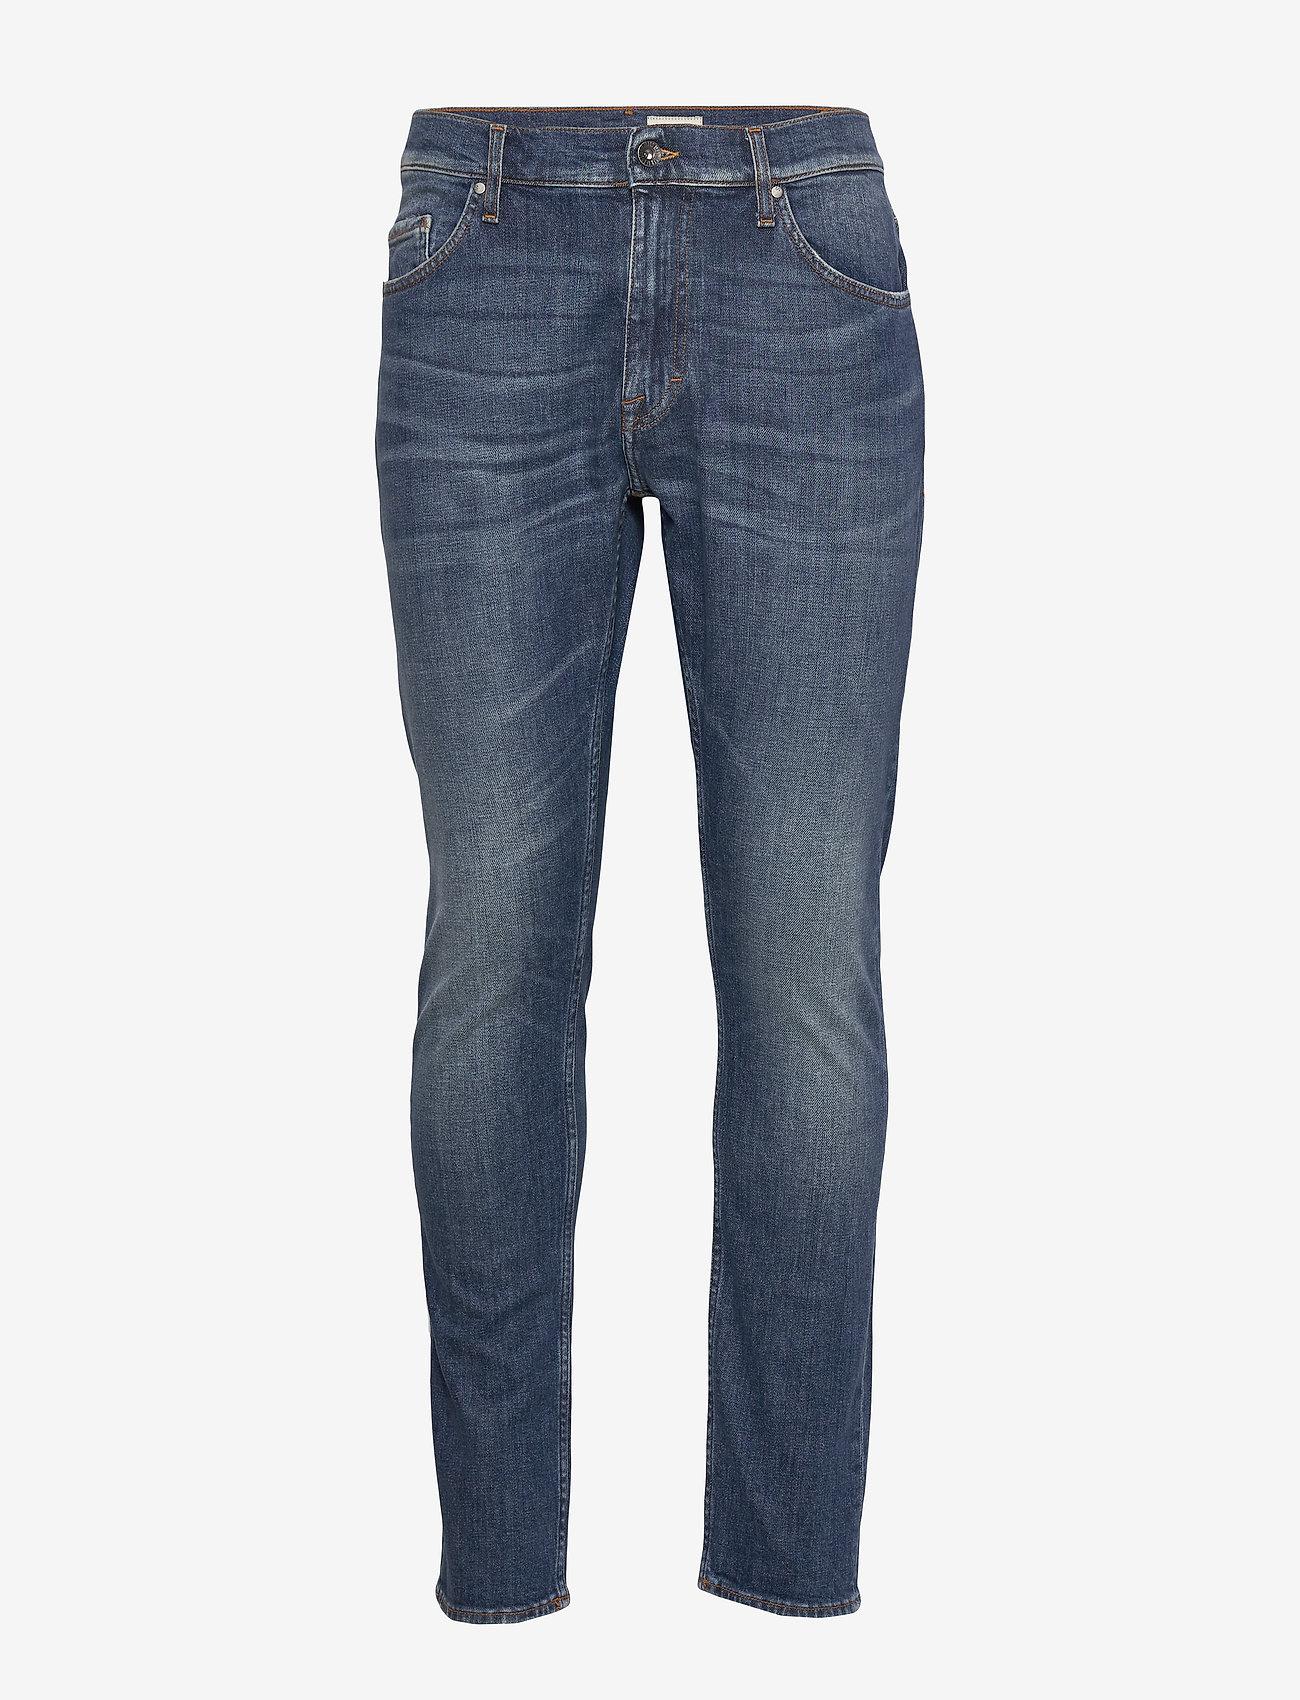 Tiger of Sweden Jeans - PISTOLERO - slim jeans - royal blue